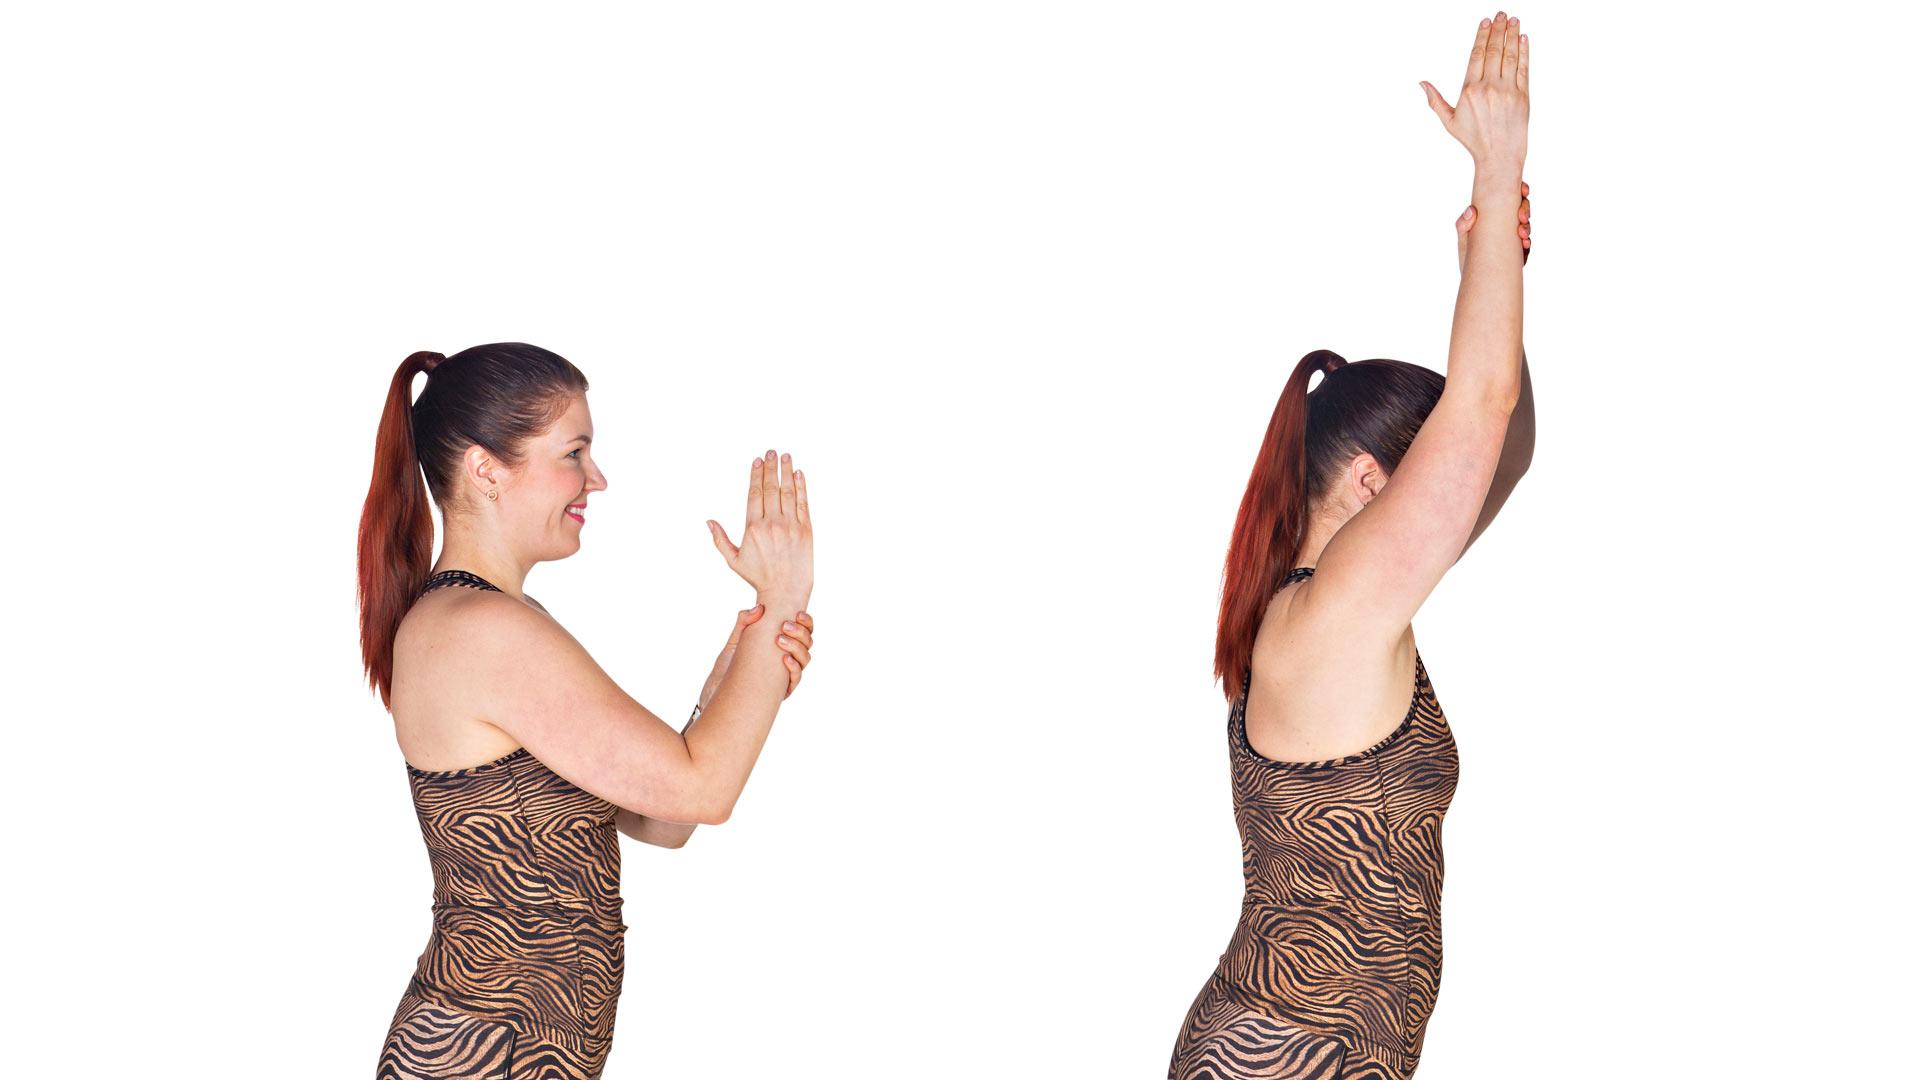 Liu'uta kättä seinää pitkin niin ylös kuin pystyt ja nojaa kohti seinää.